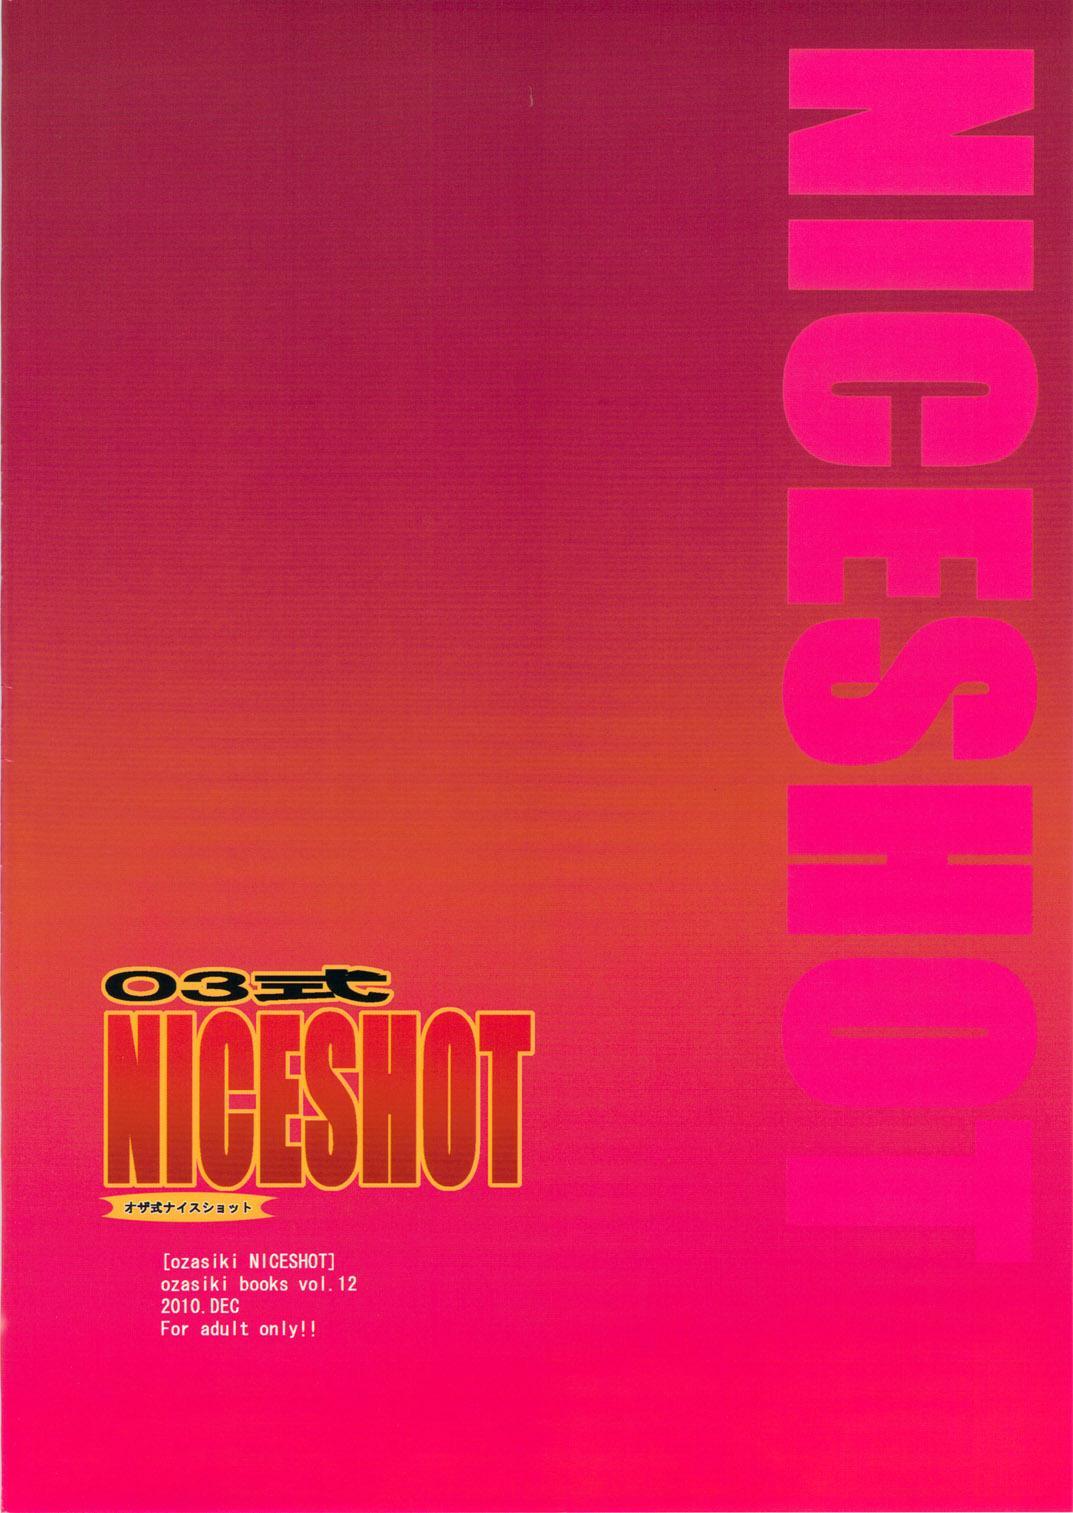 03 Shiki NICESHOT 21